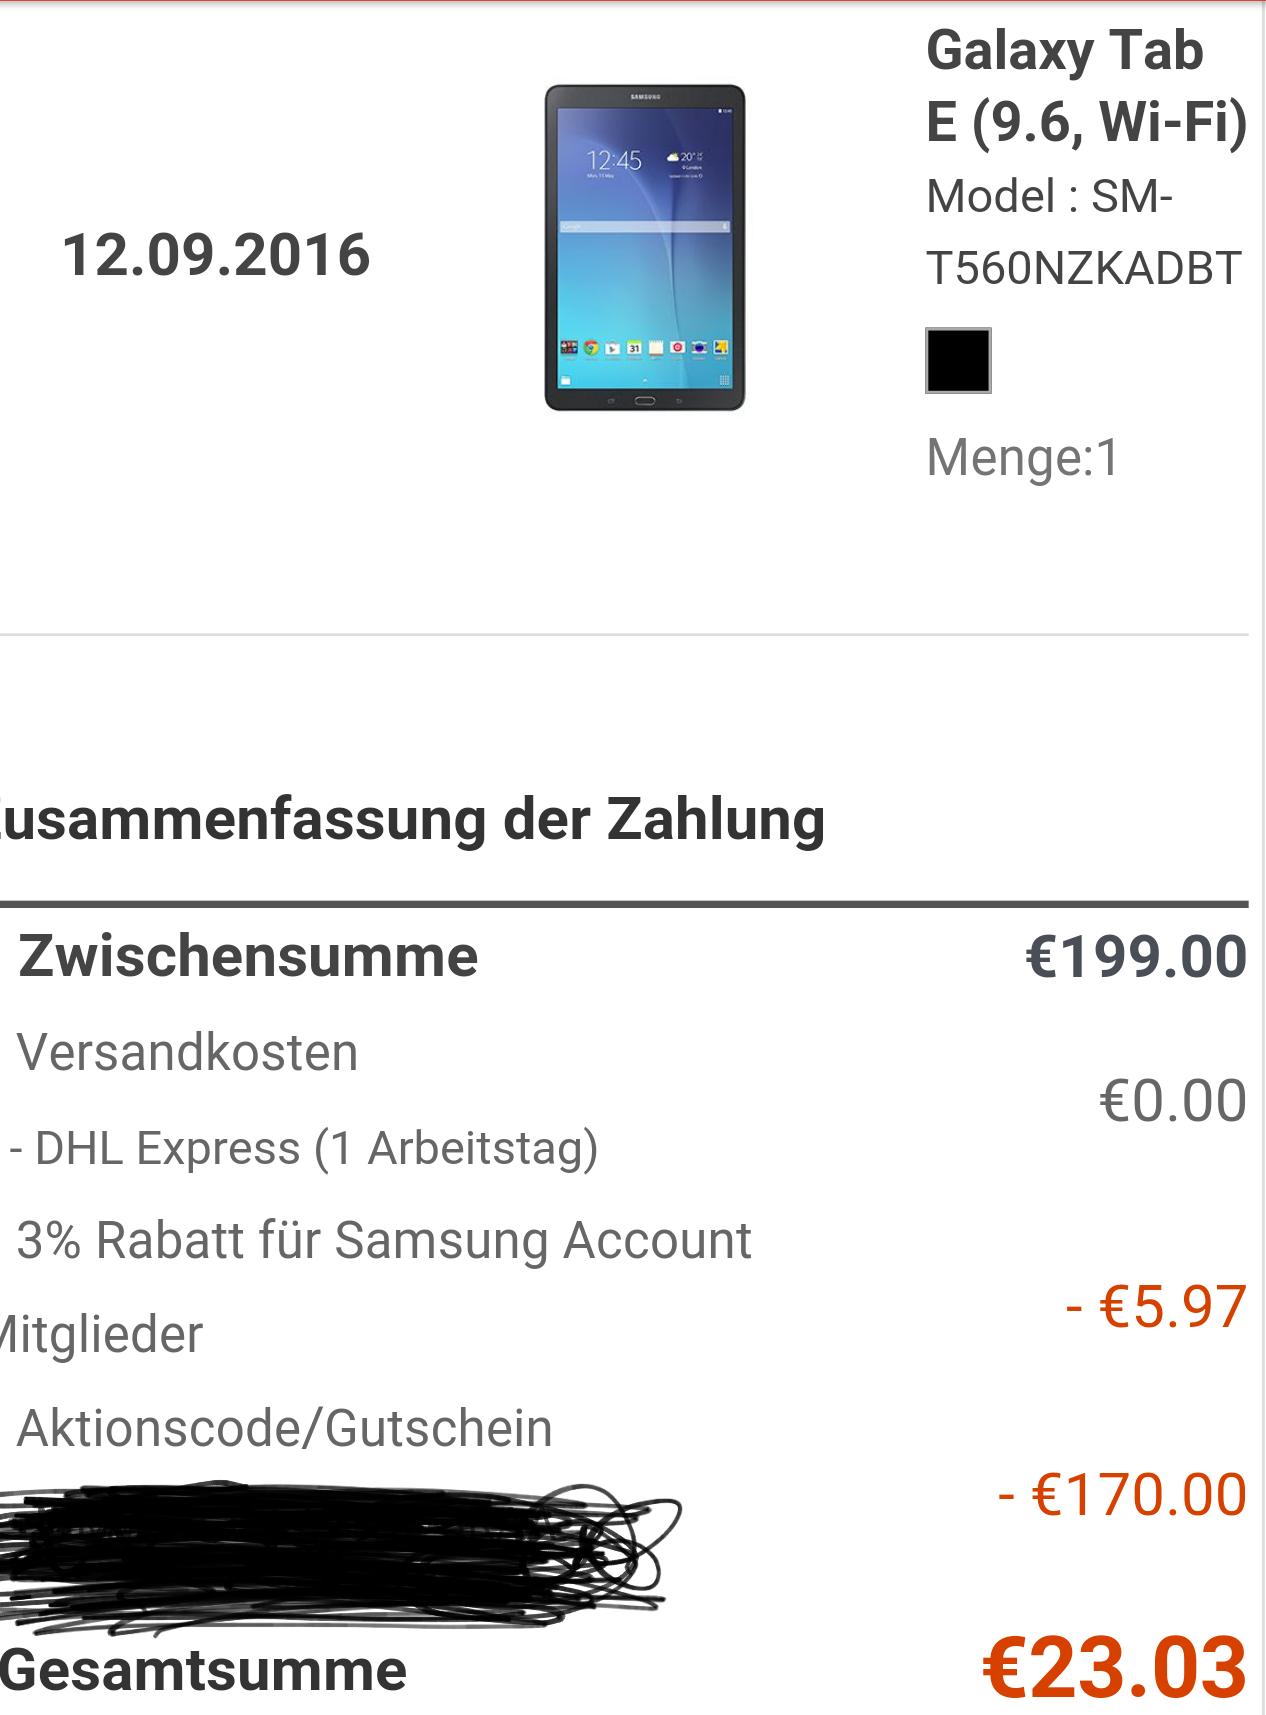 3% Extra auf die Samsung Galaxy S7 und S7 Edge Aktion - Doppelpack zum Saisonauftakt (Samsung Tab E)